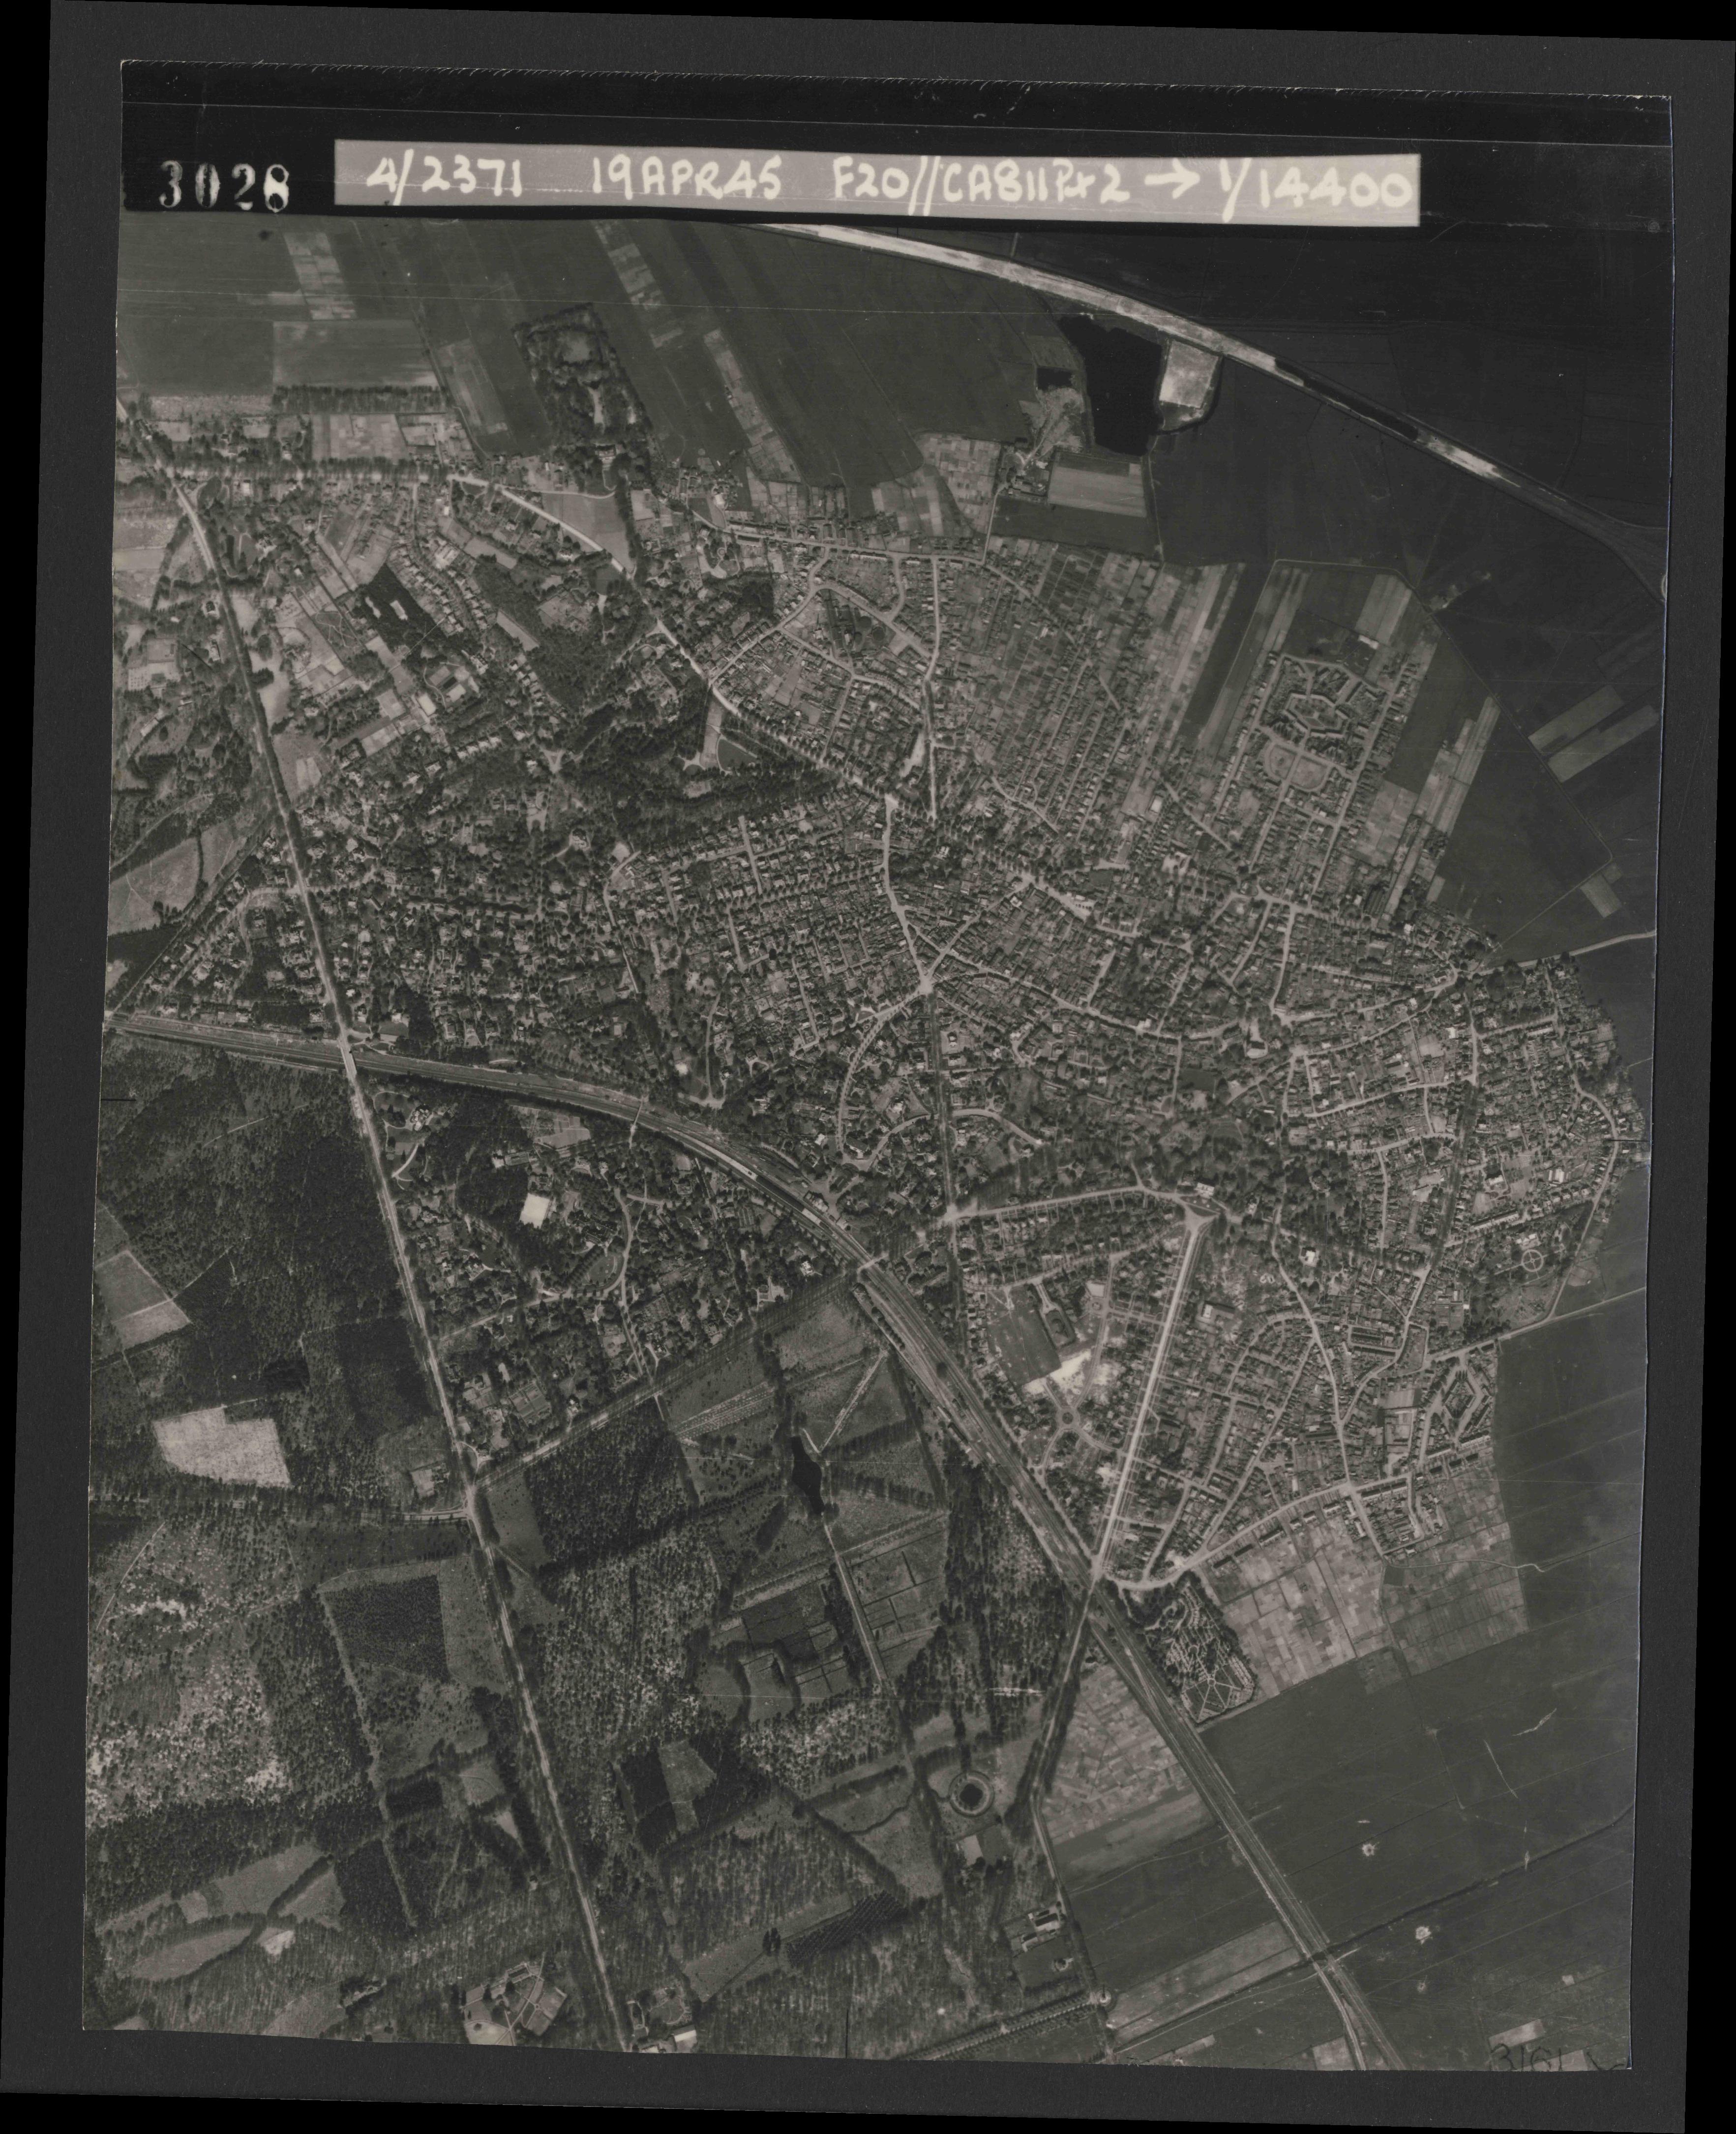 Collection RAF aerial photos 1940-1945 - flight 305, run 01, photo 3028